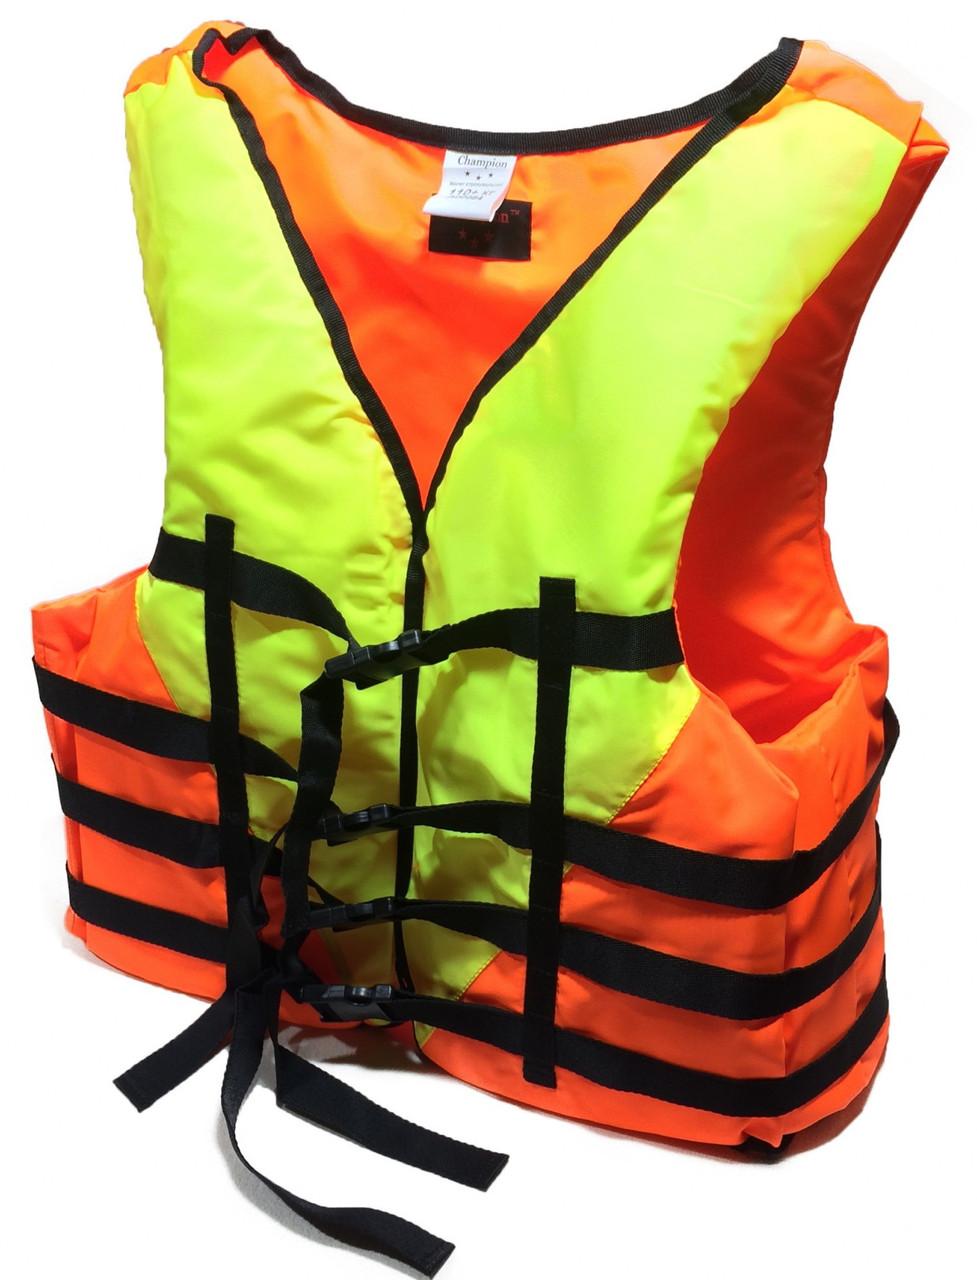 Страхувальний жилет для плавання SZ-110 (утримуваний вага 110+ кг)